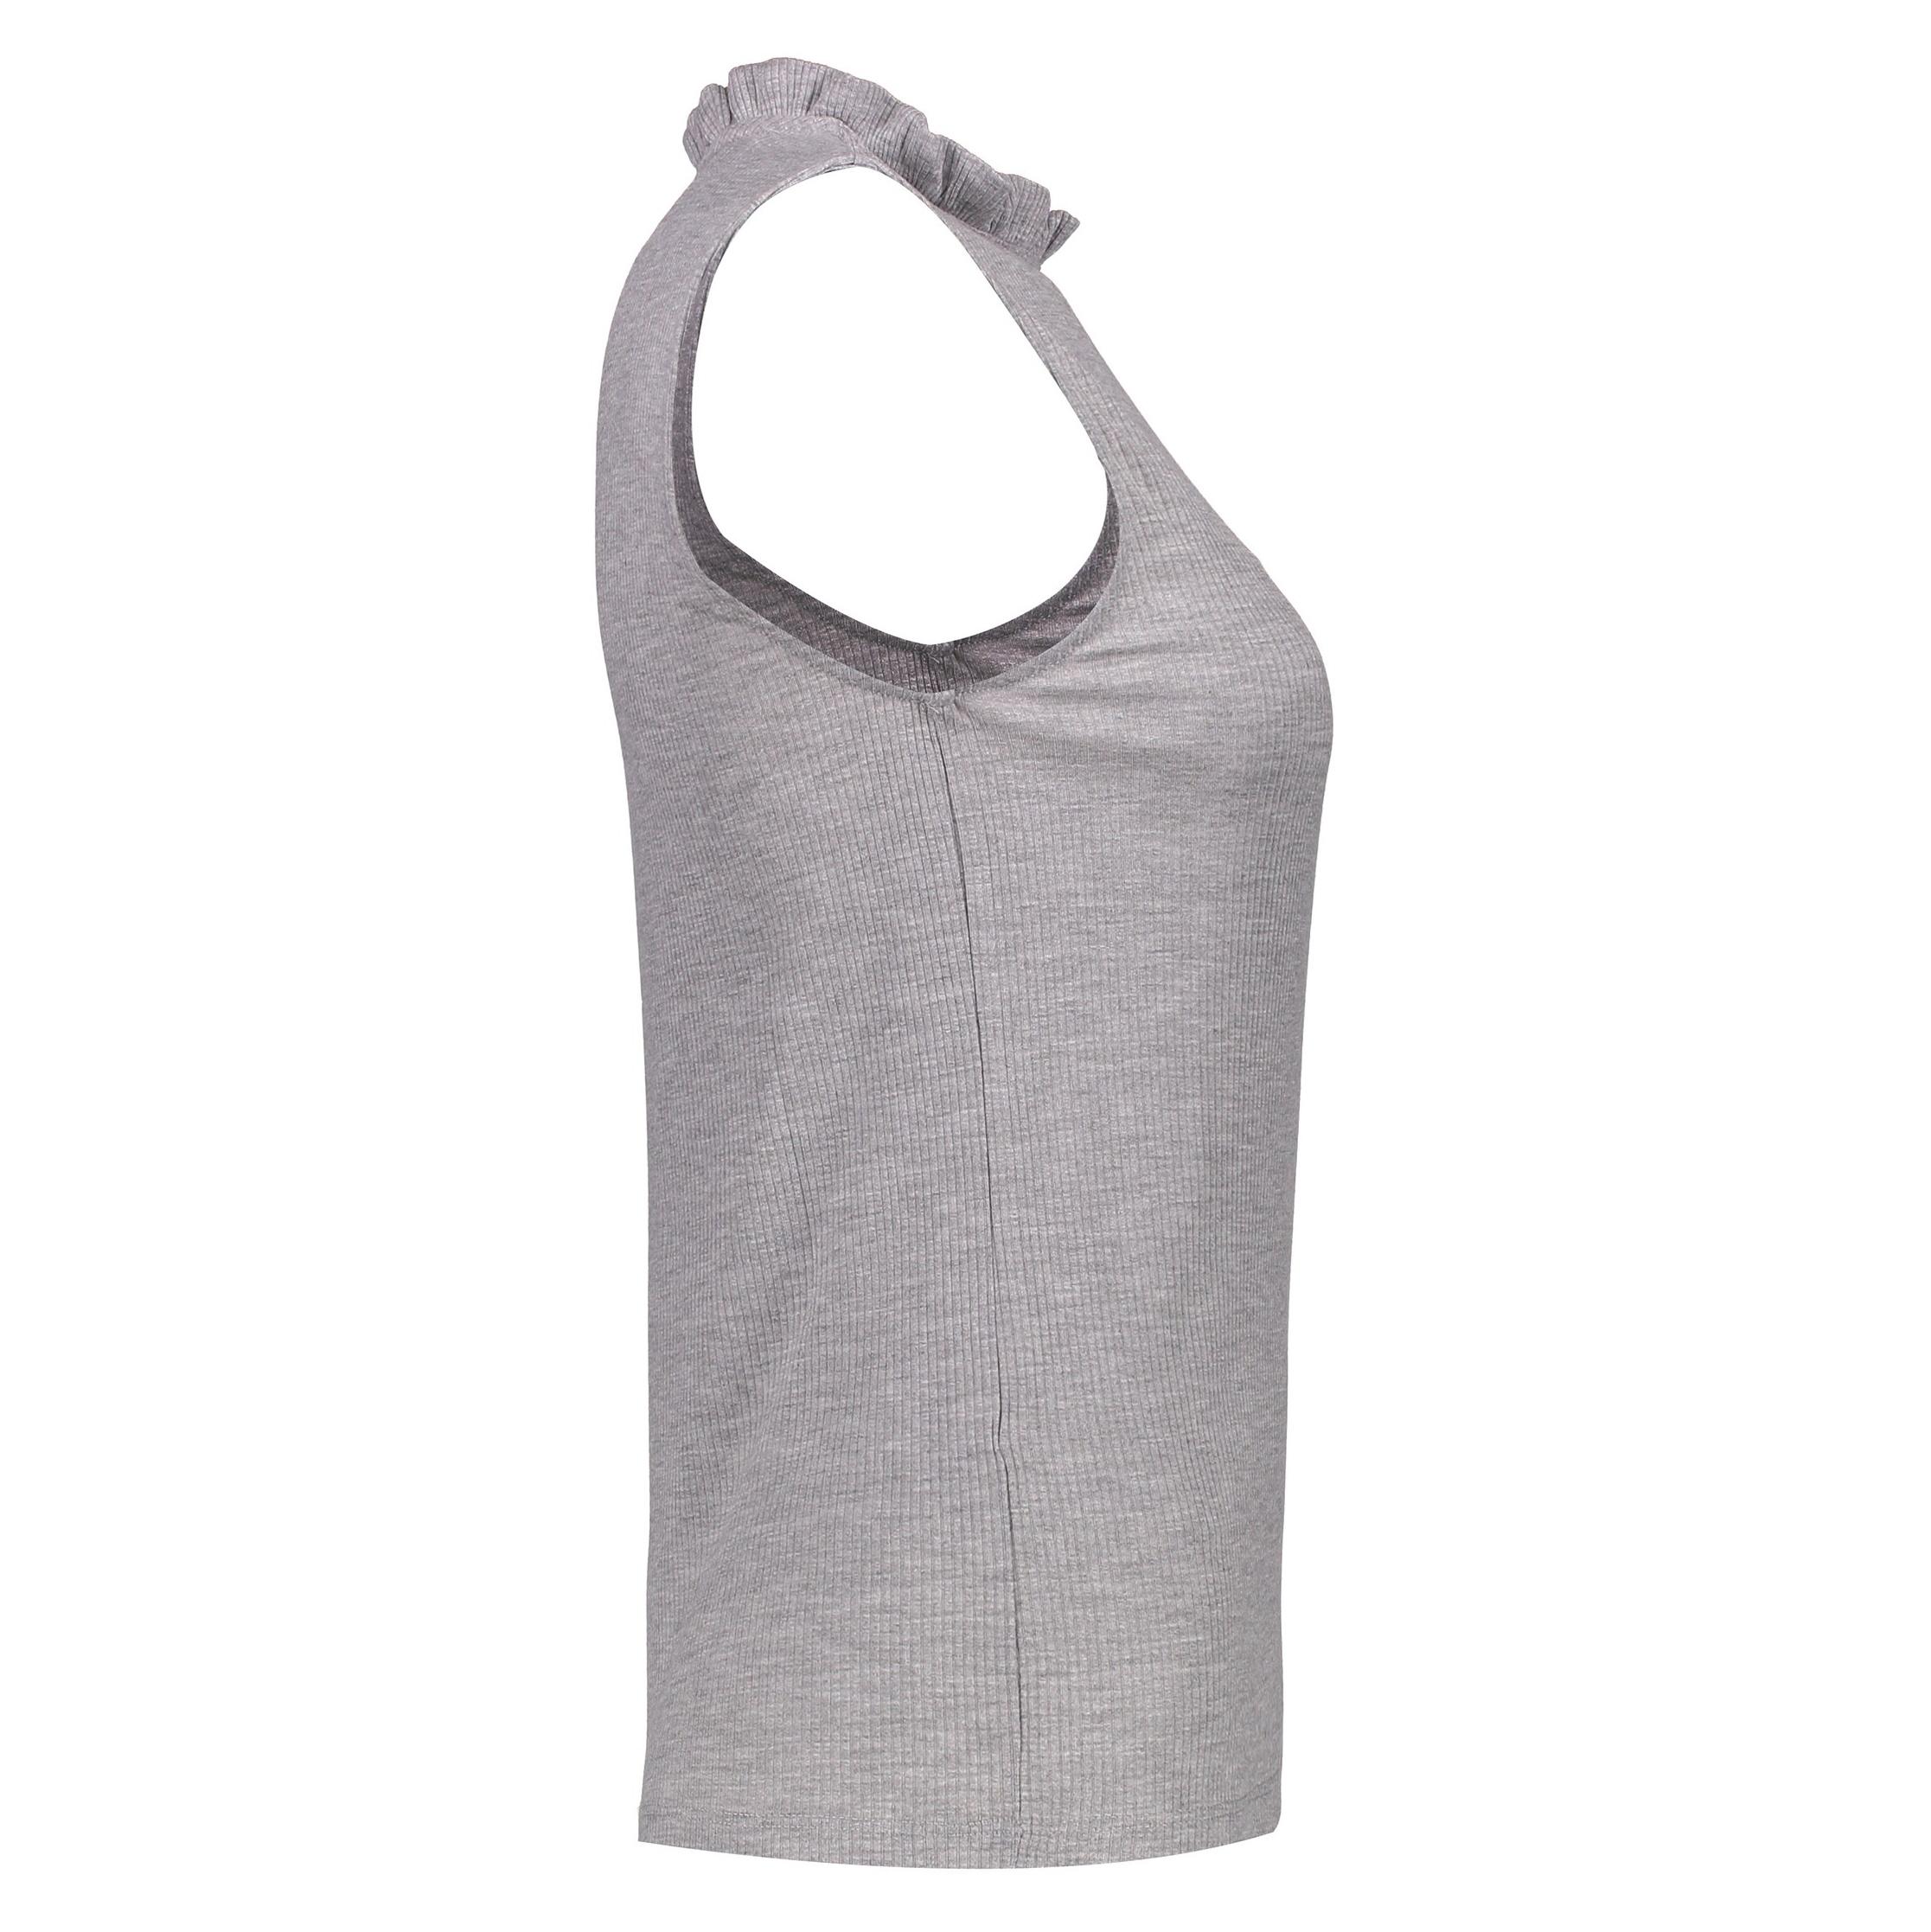 تی شرت آستین حلقه ای زنانه - پی سز - طوسي ملانژ - 5